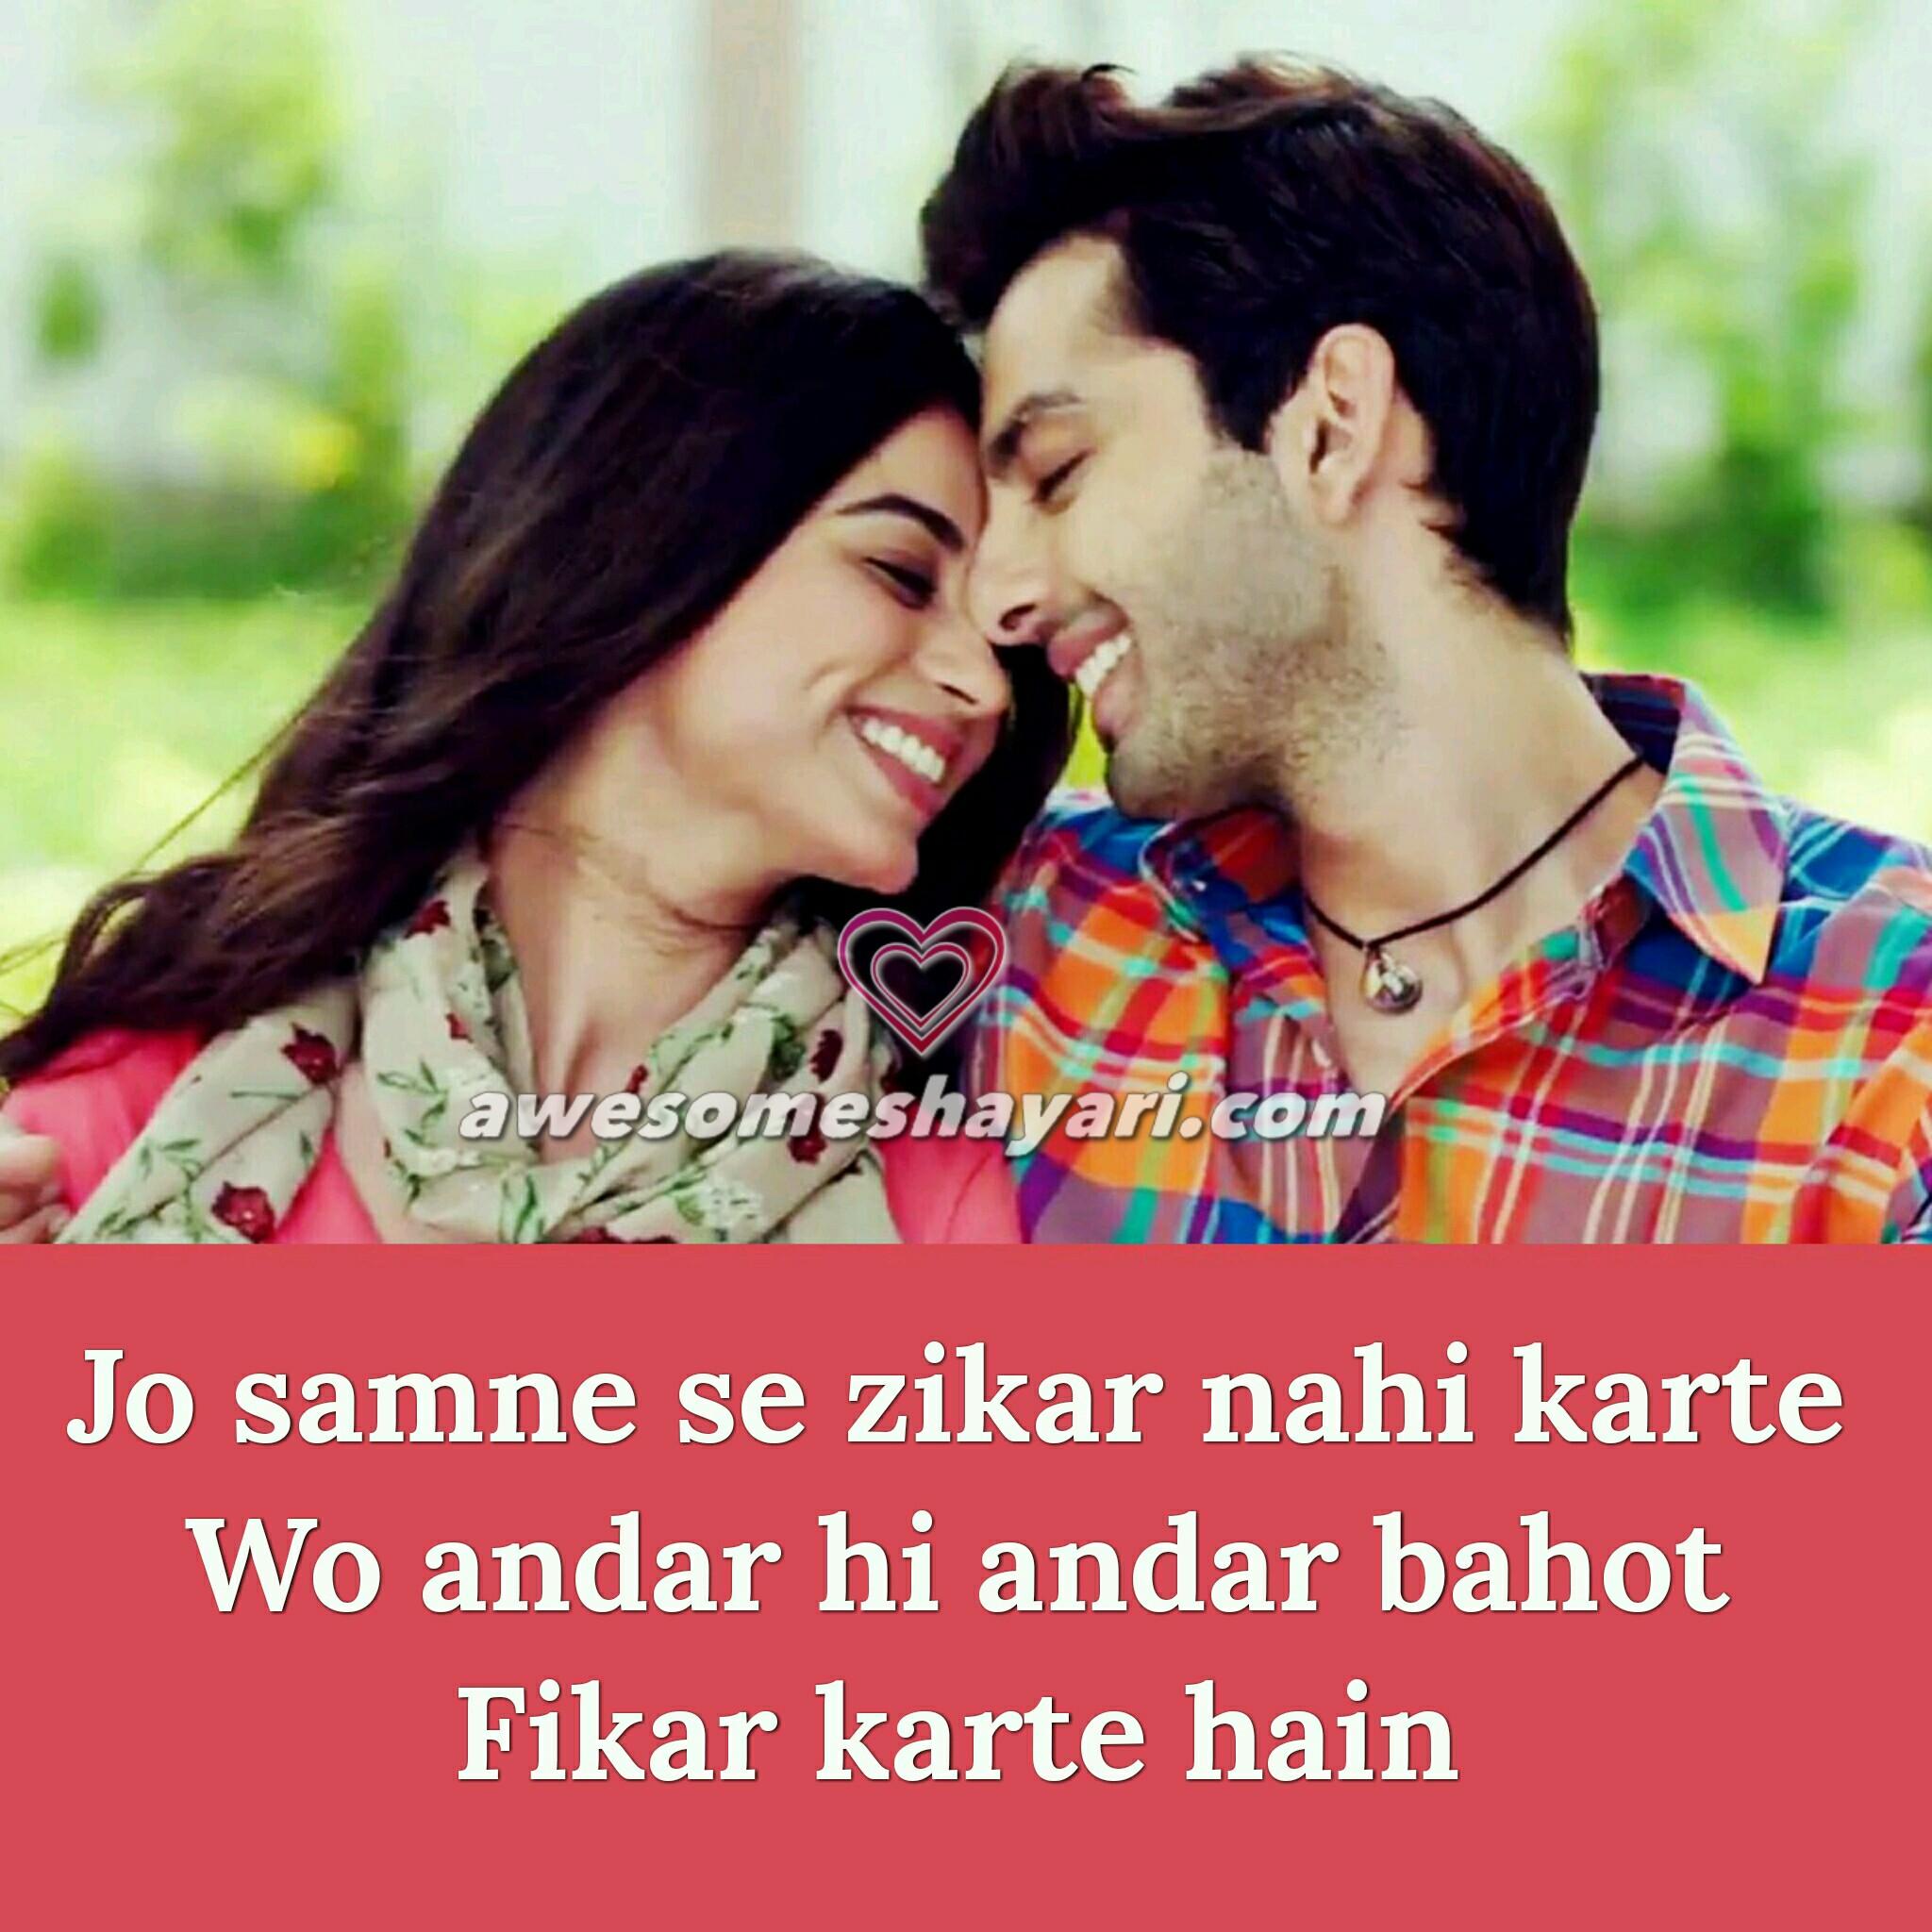 Care shayari for boyfriend girlfriend